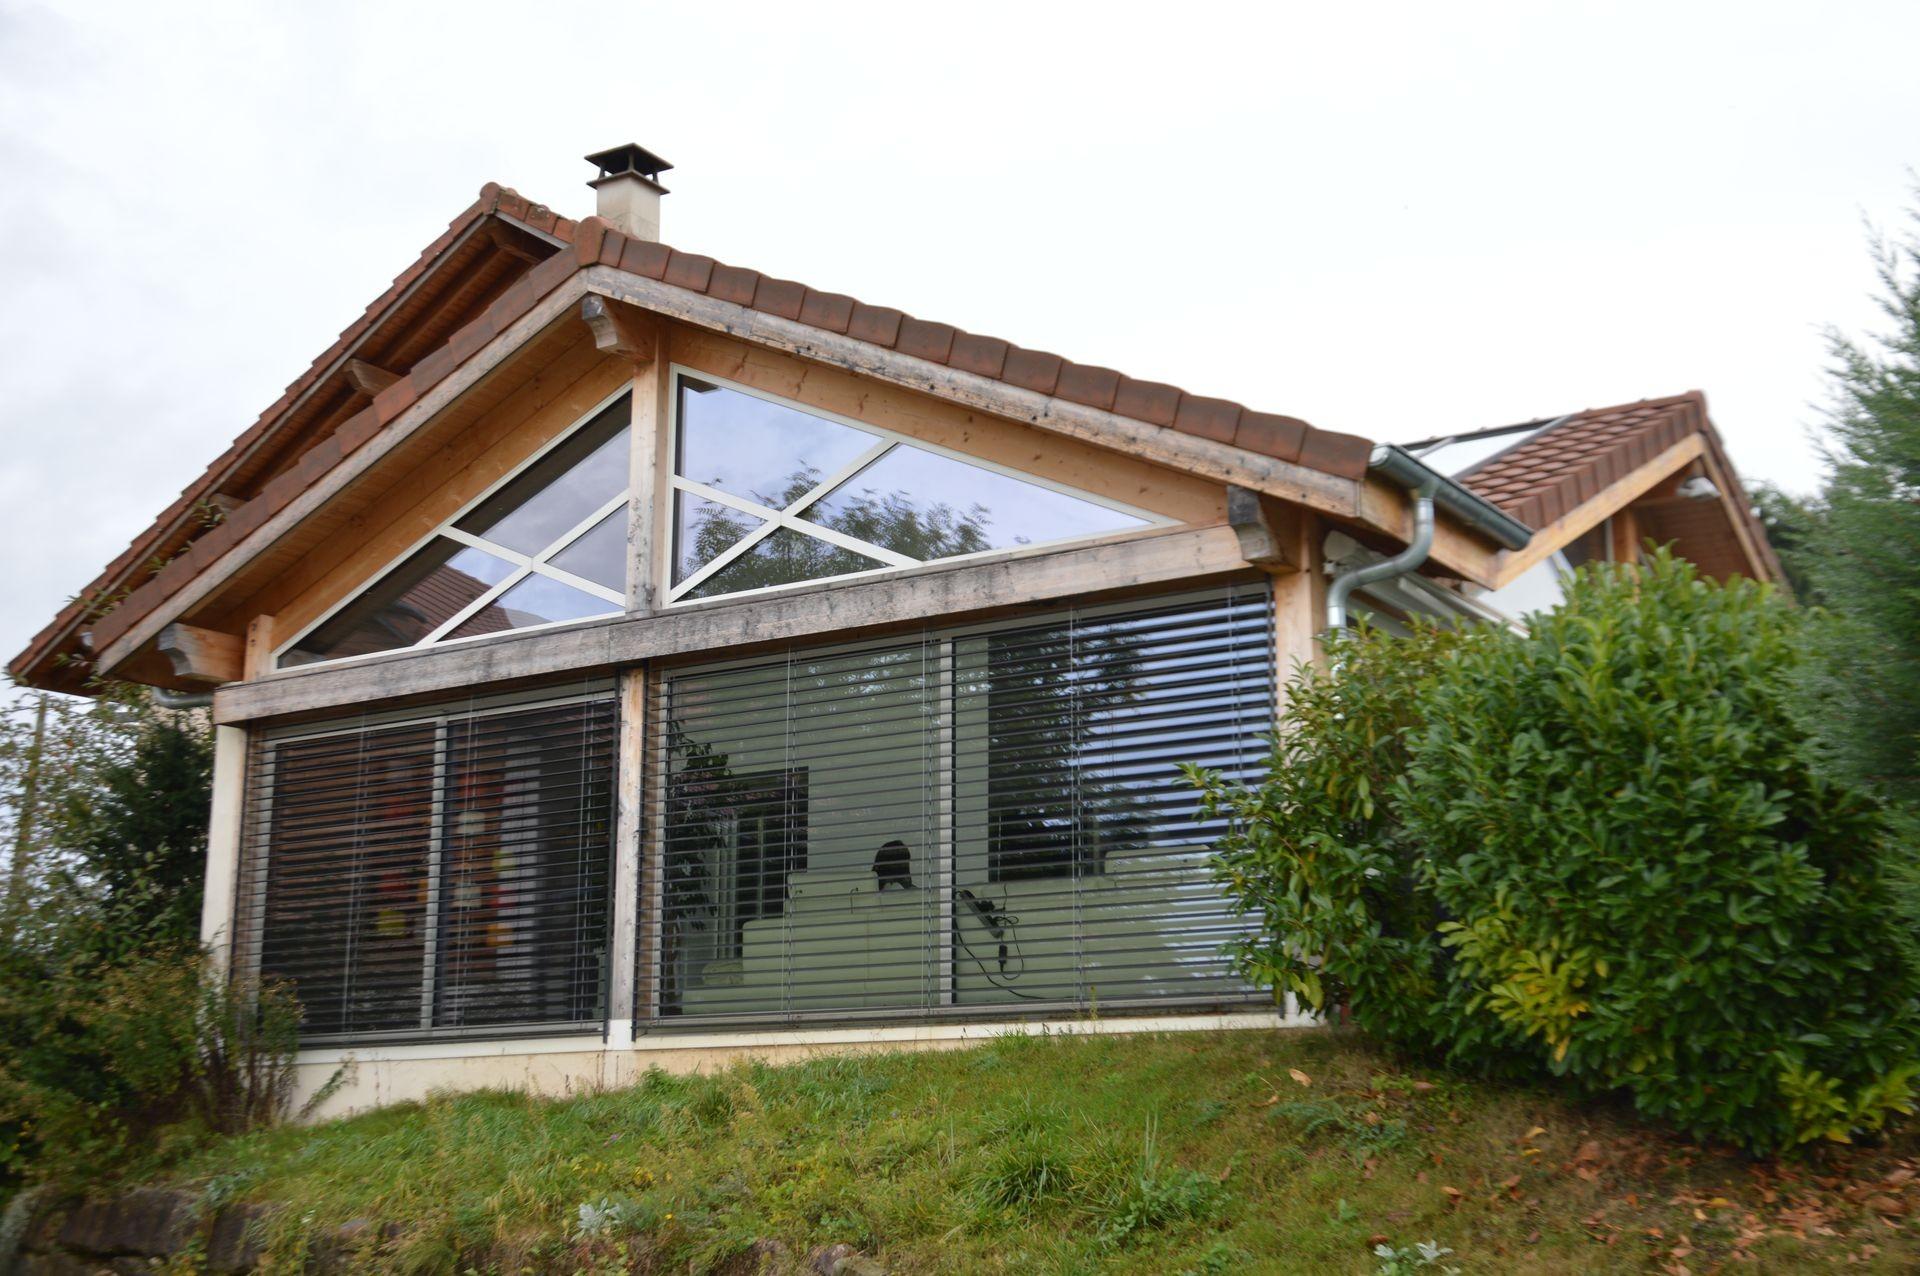 extension de maison en ossature bois et aluminium avec spa intégré ...